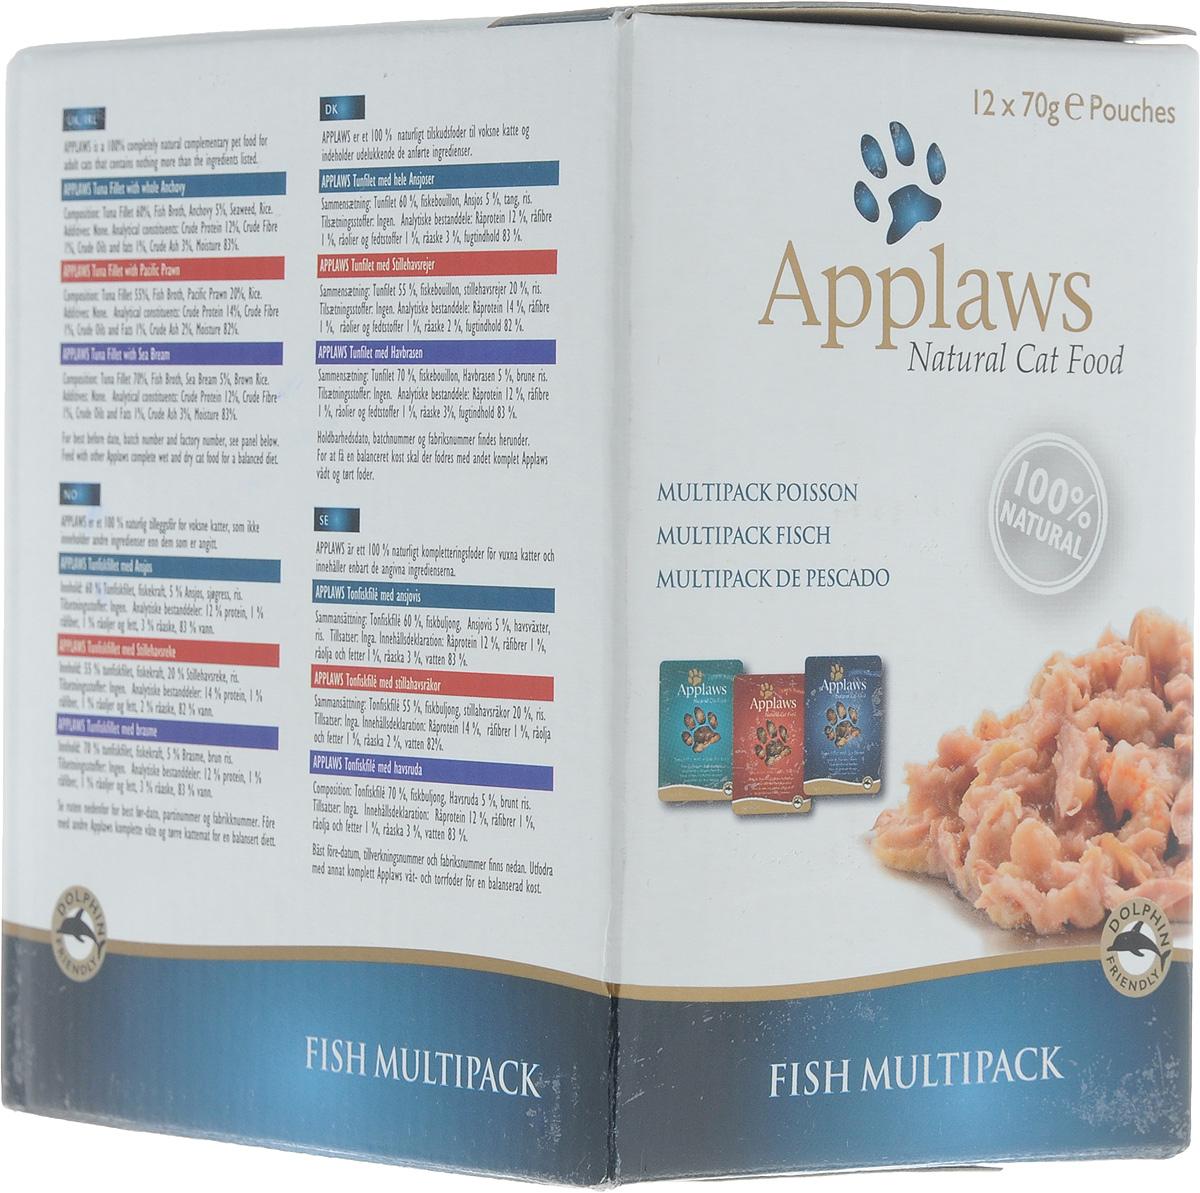 Консервы для кошек Applaws Рыбное ассорти, 12 шт по 70 г, 840 г (возврат поставщику)20759